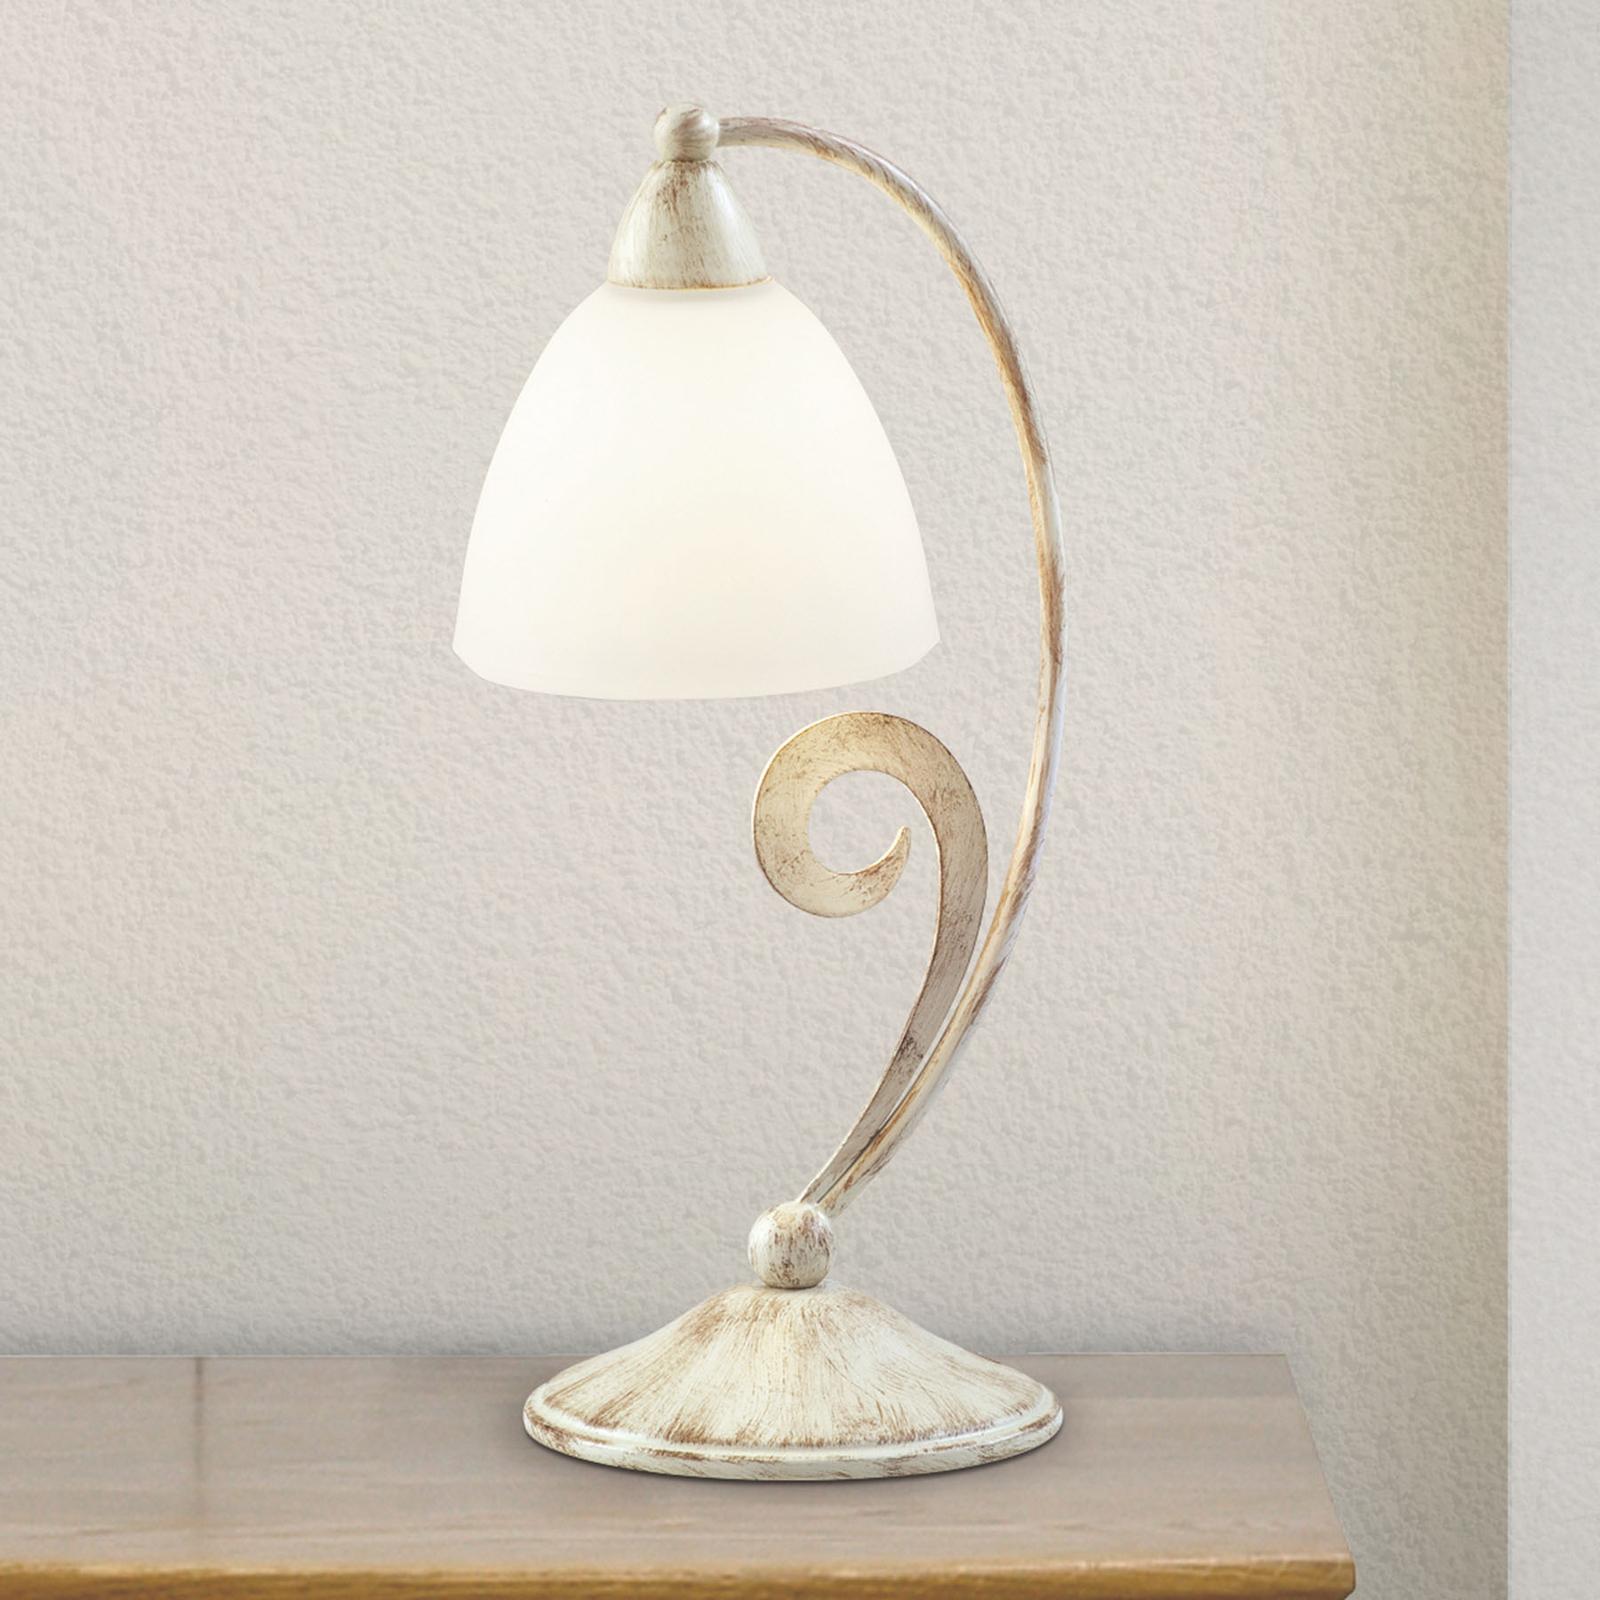 Pöytälamppu 1730/1L satinoitu valkoinen norsunluu